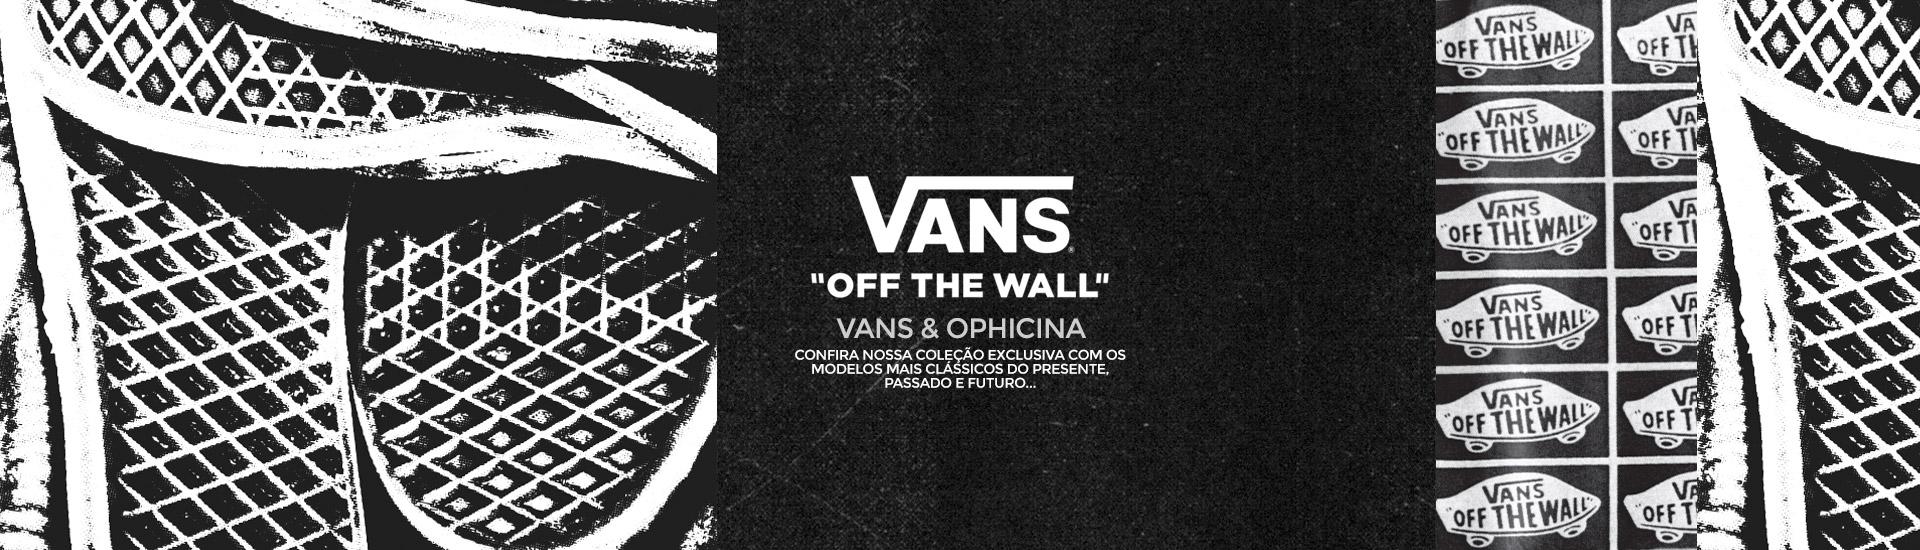 Banner Vans